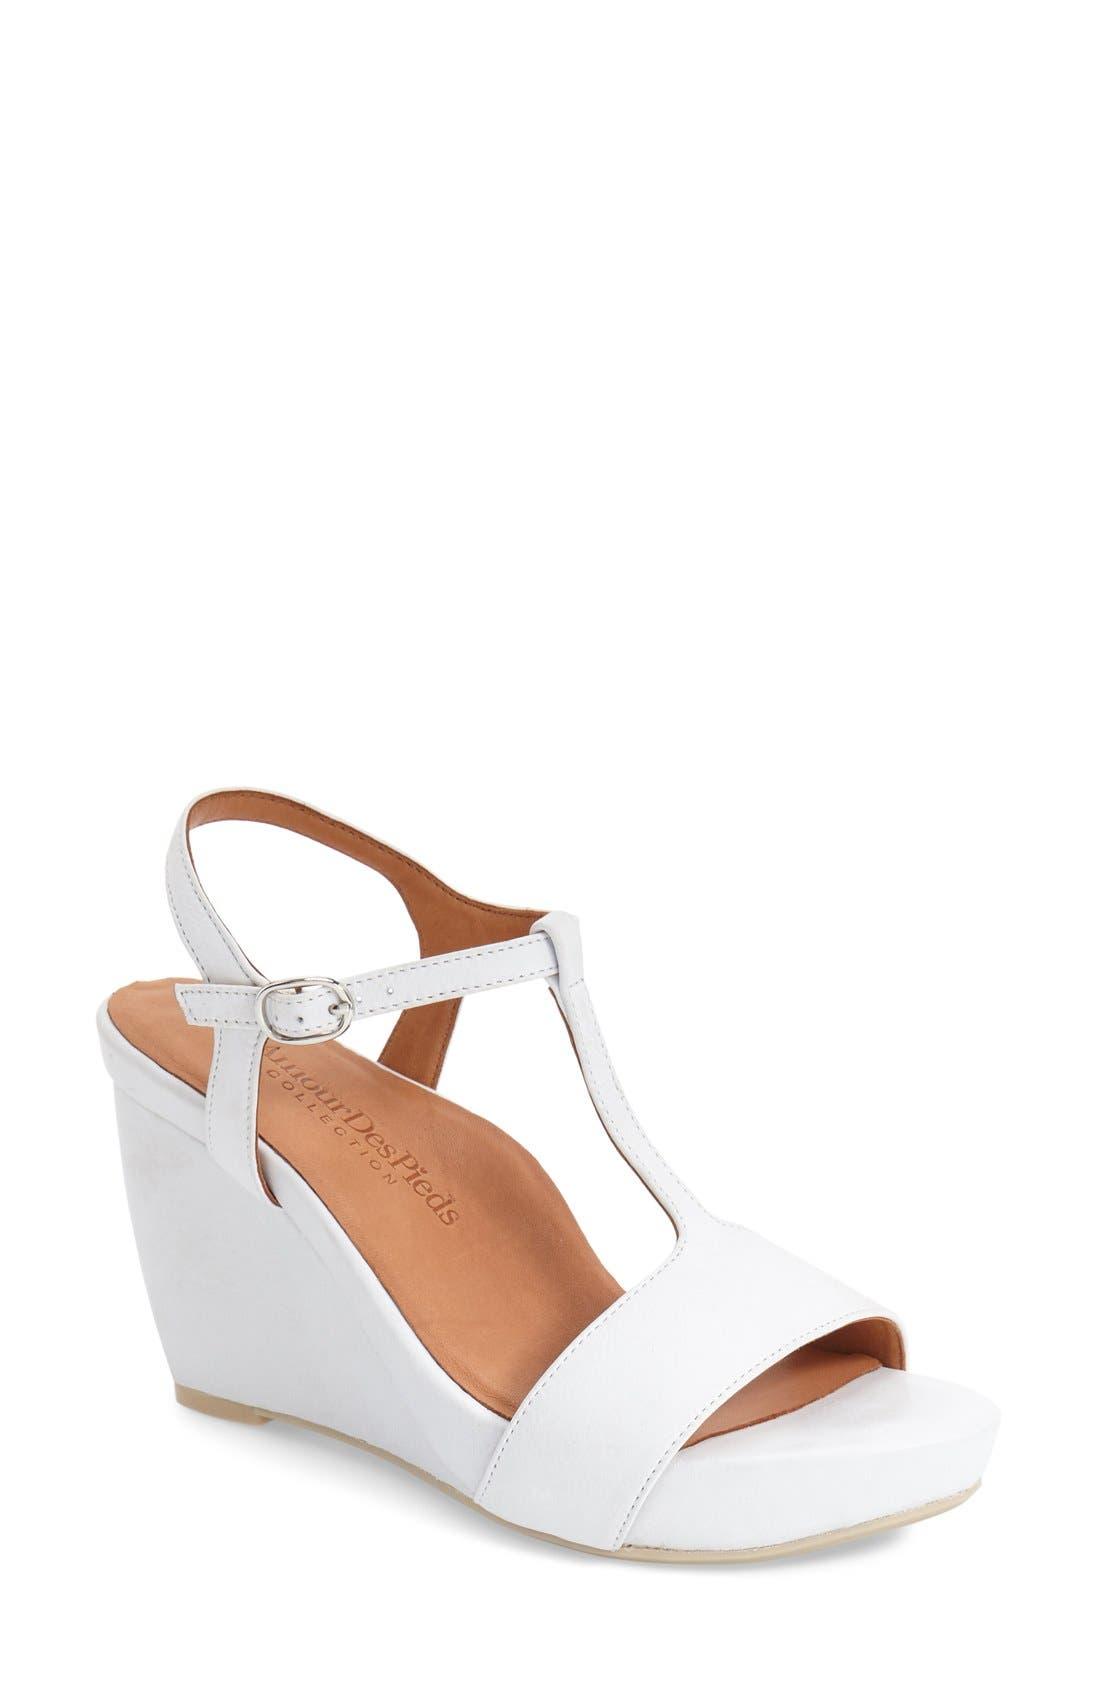 L'AMOUR DES PIEDS, Idelle' Platform Wedge Sandal, Main thumbnail 1, color, WHITE LEATHER